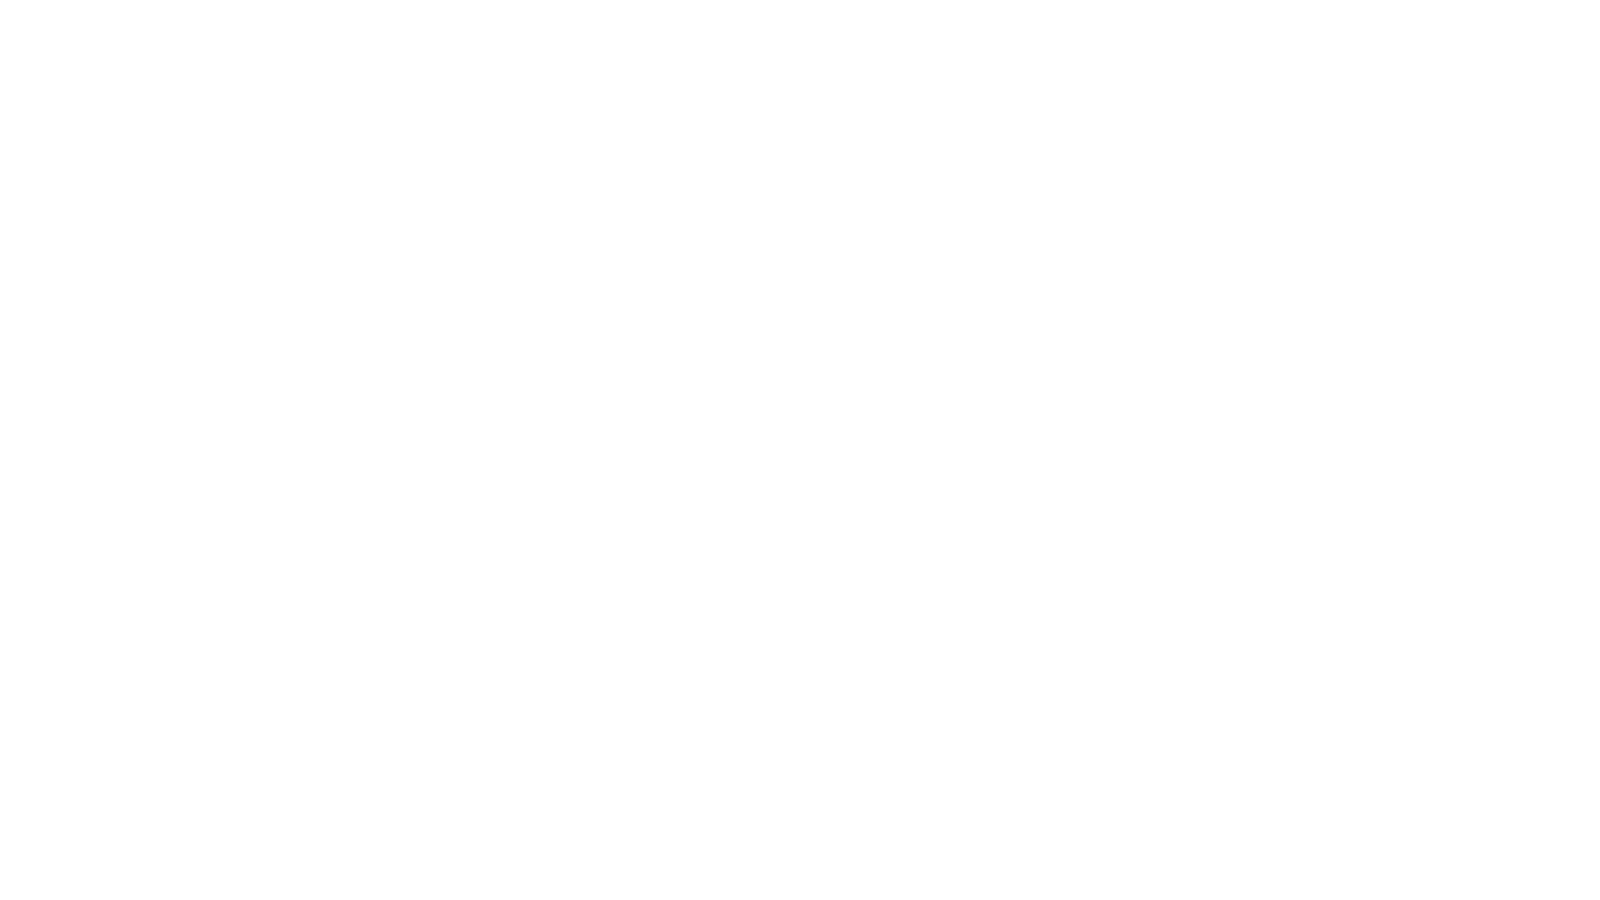 19/12/1982, Impianto: PalaMaggiò, Caserta Indesit Caserta - Sacramora Rimini 115 - 93  Indesit: Slavnic, Carraro, Donadoni, Gentile, Giannini, Lovatti, Ricci, Simeoli, Mastroianni, Oscar.  Sacramora: Bertelà, Benatti, Bucciarelli, Cecchini, Terenzi, Mossali, Solfrizzi, Collins, Sims, Brighi.  [Archivio Privato]